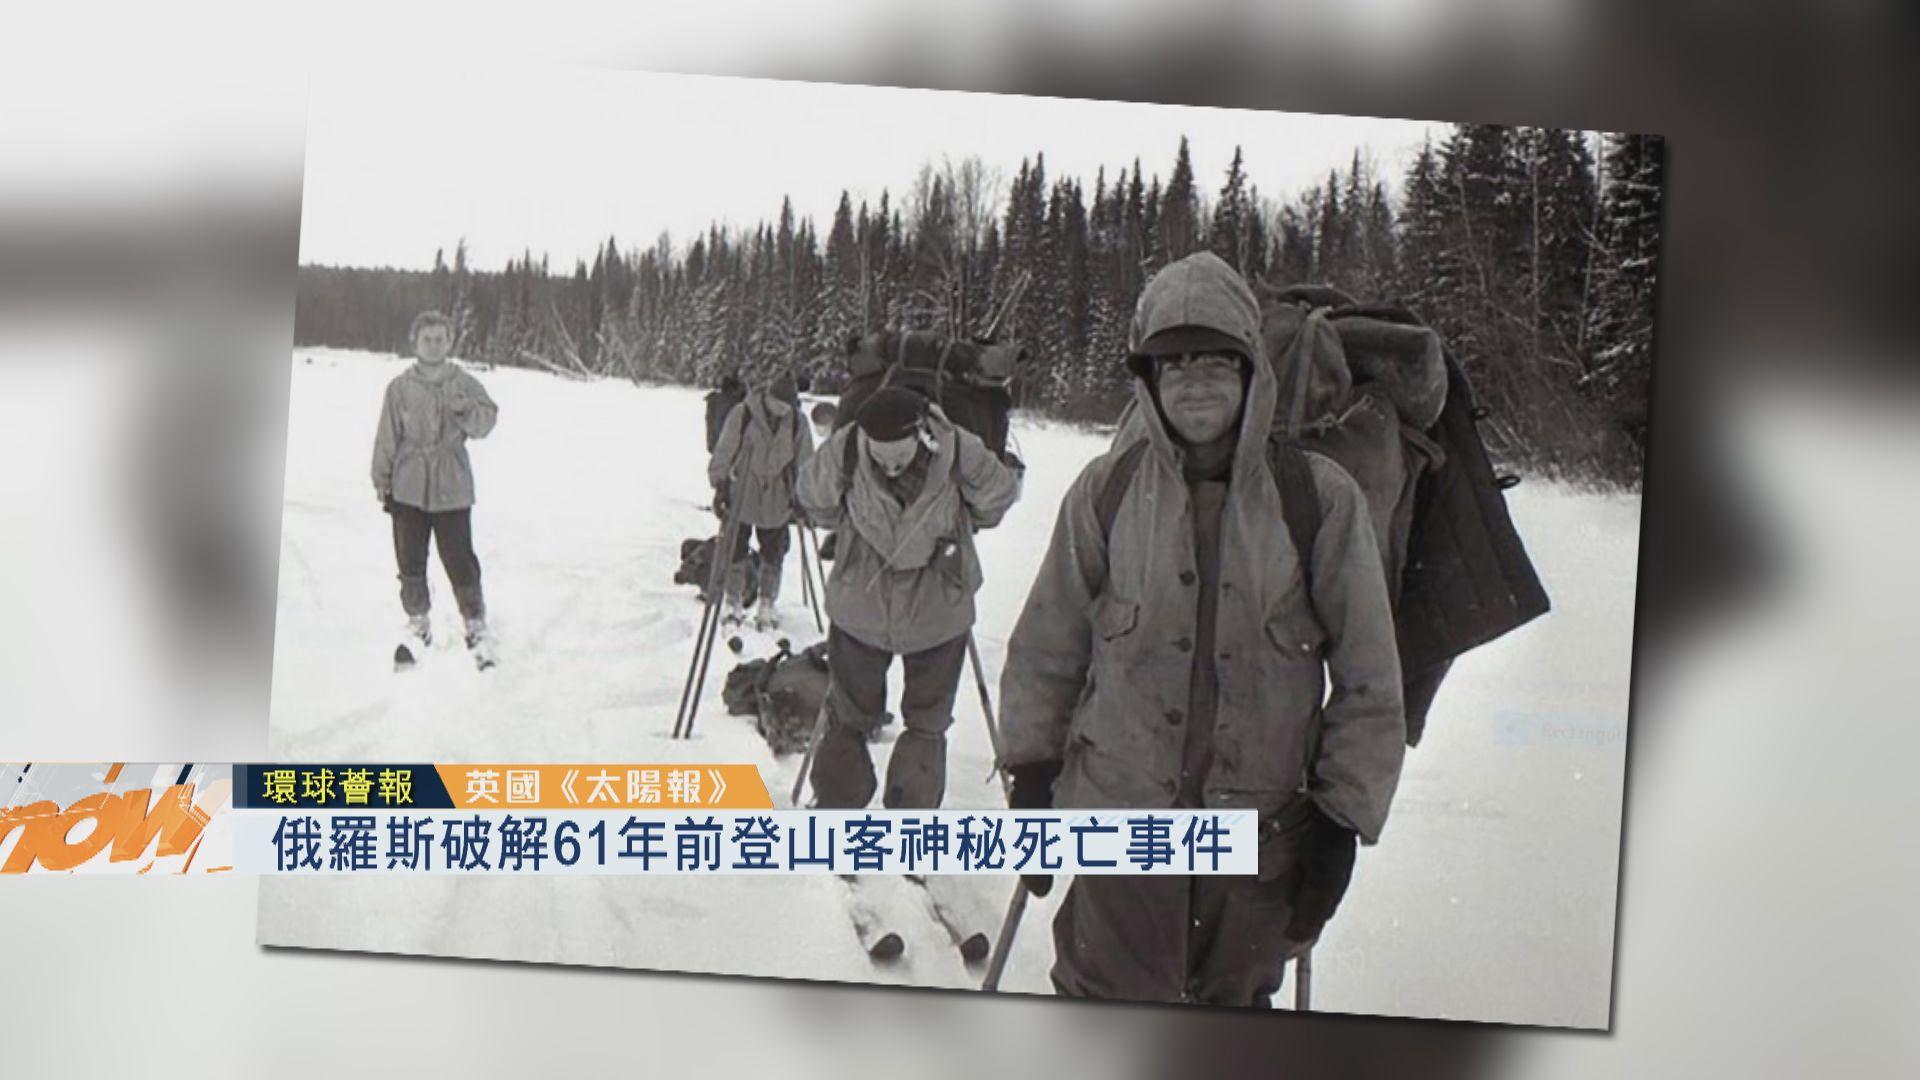 【環球薈報】俄羅斯破解61年前登山客神秘死亡事件